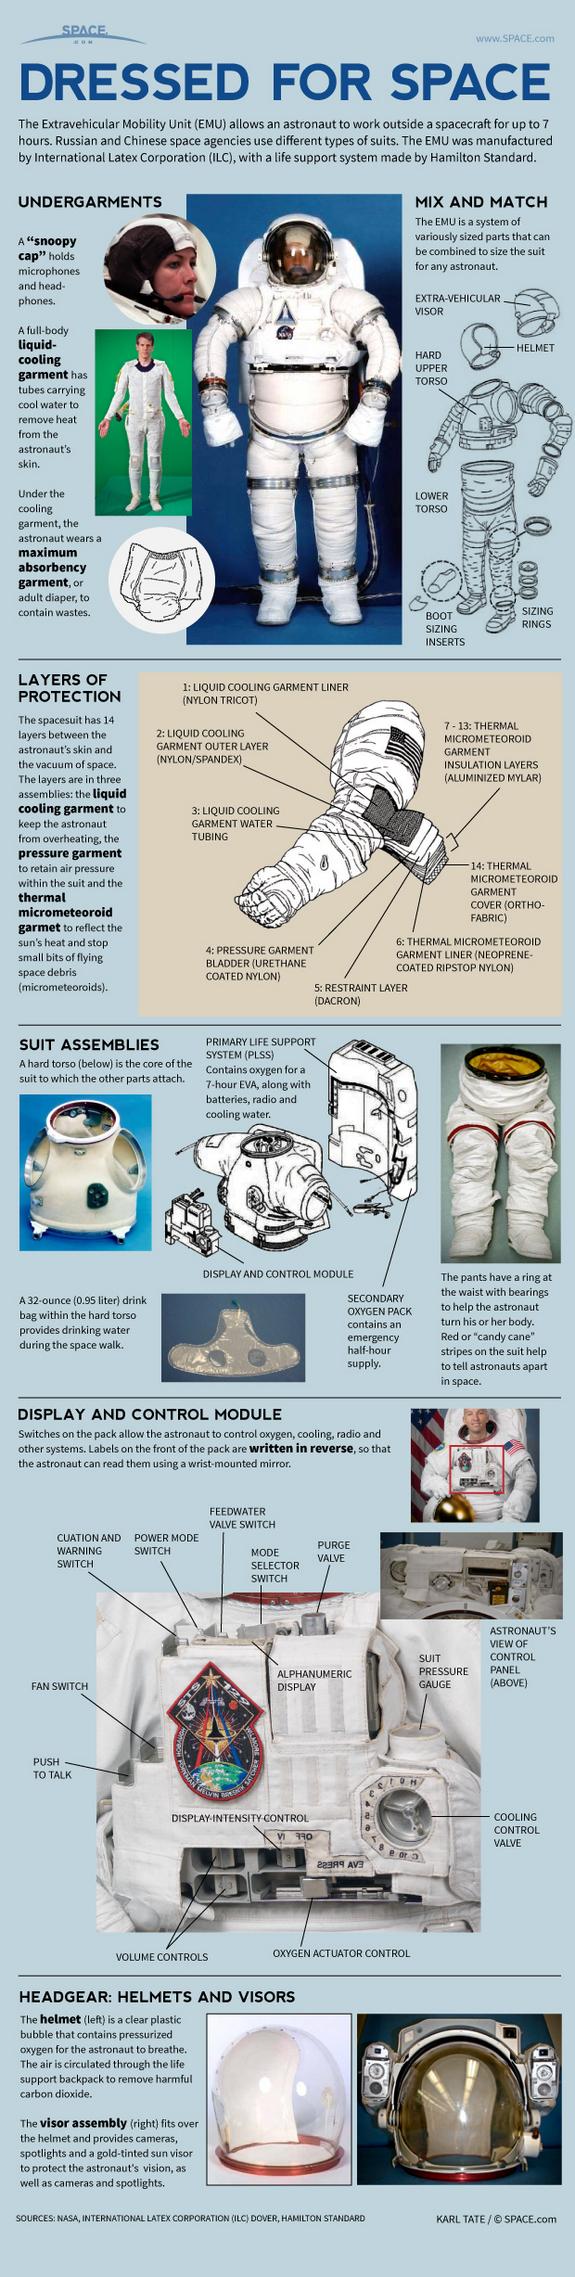 space-suit-components